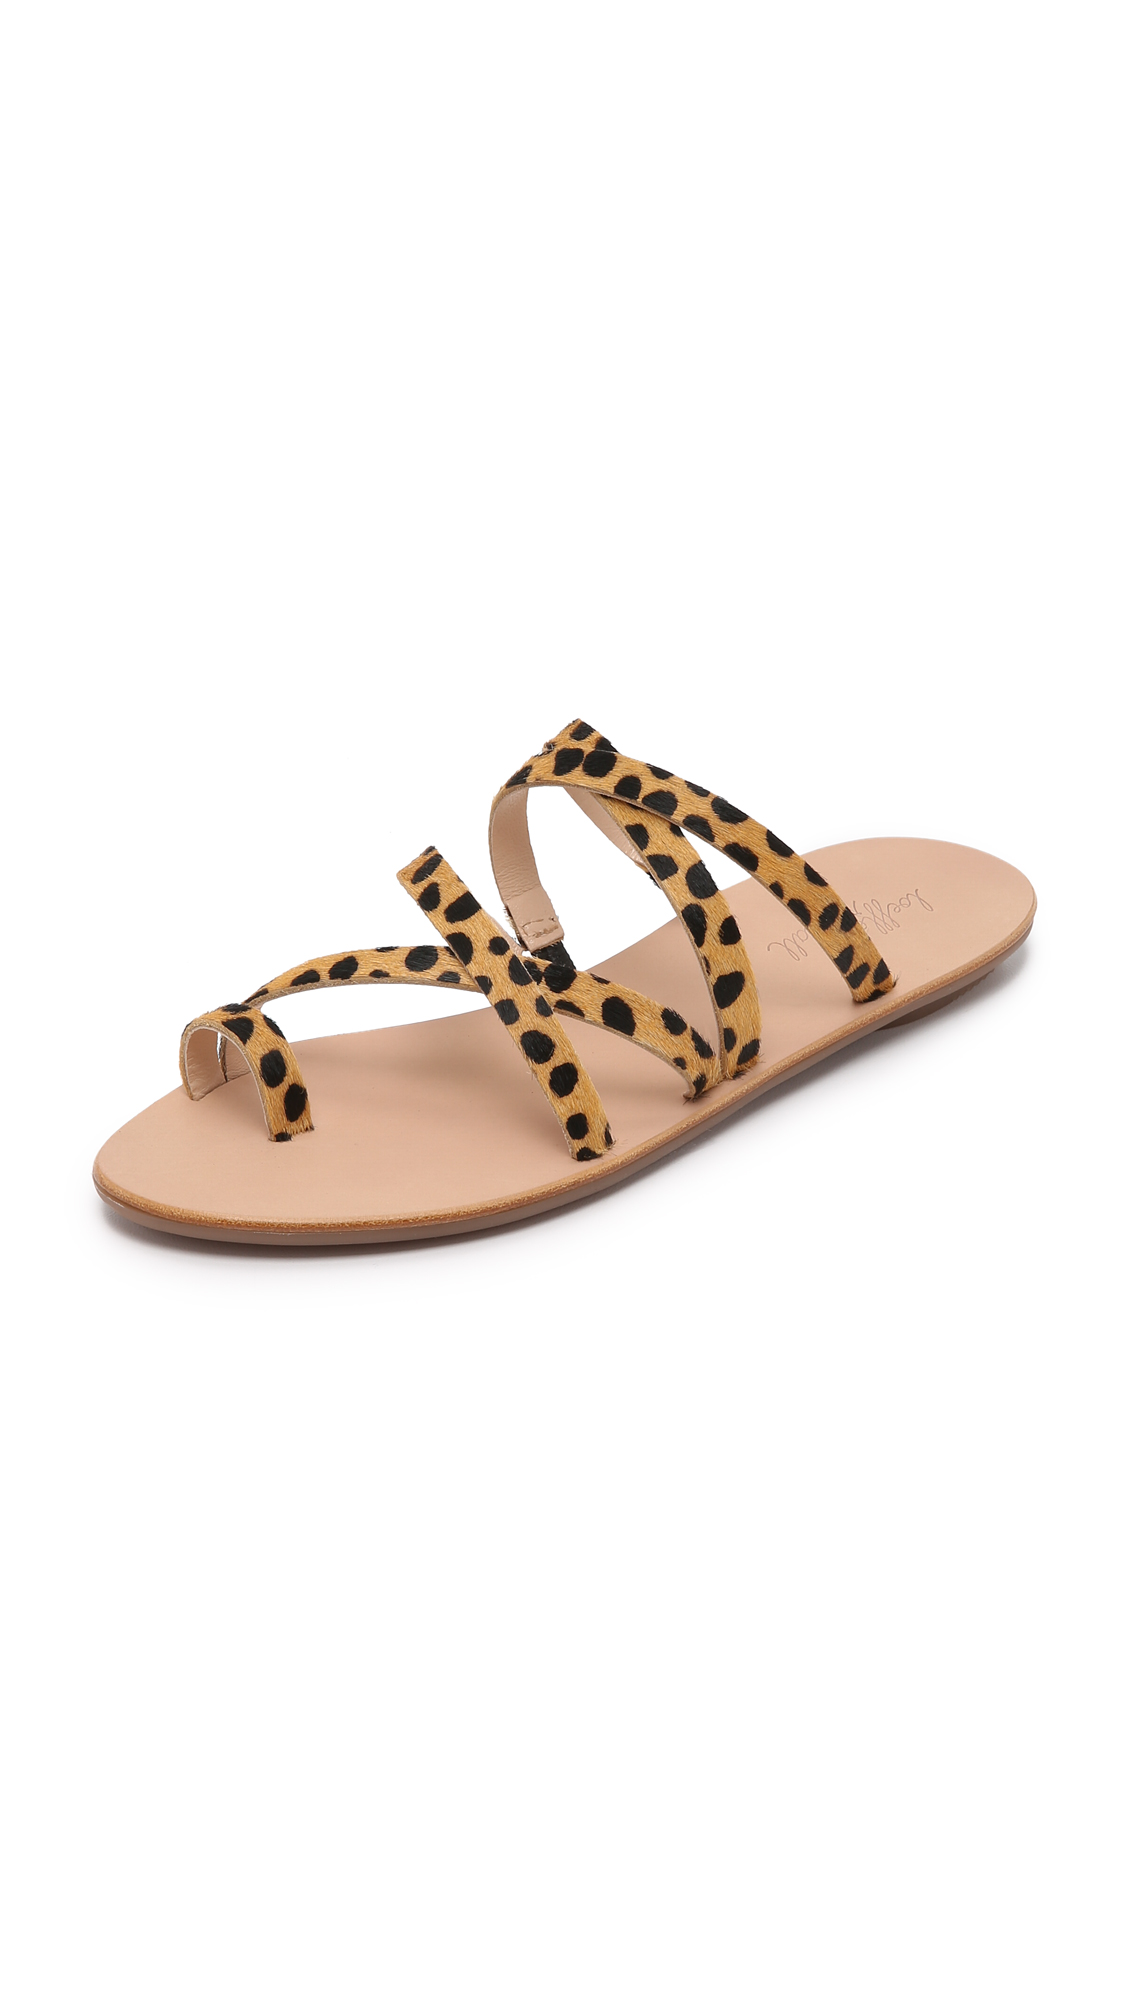 510aa6490 Loeffler Randall Sarie Strappy Cheetah-Printed Calf Hair Sandals ...